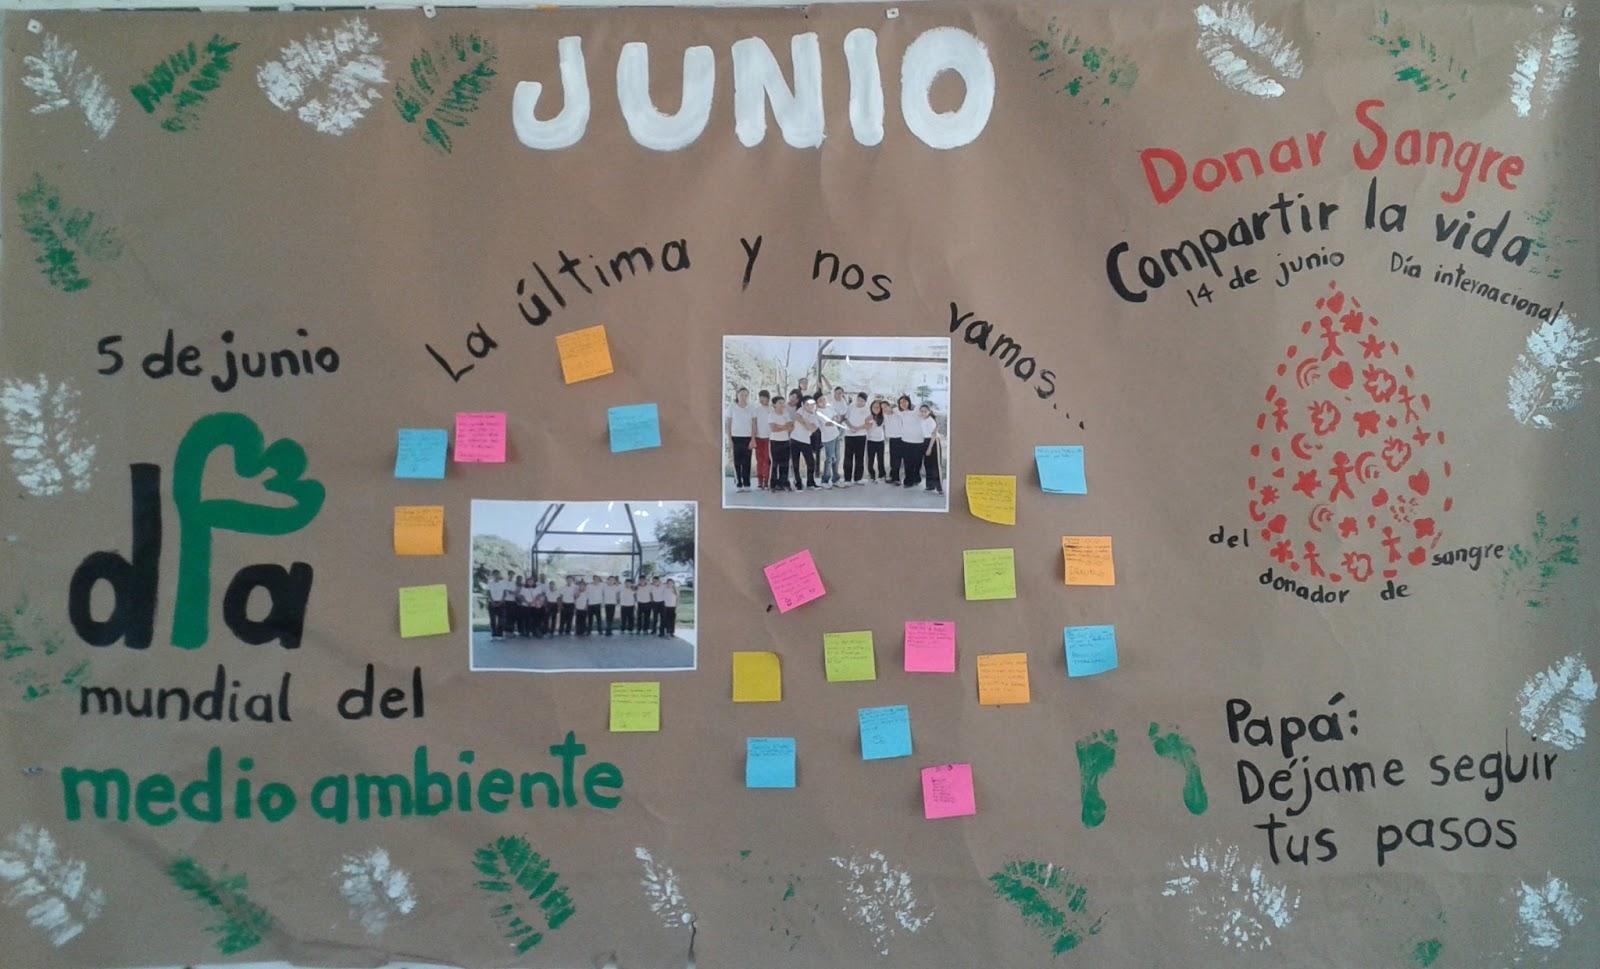 Peri dico mural de junio 5 imagenes educativas for Amenidades para periodico mural